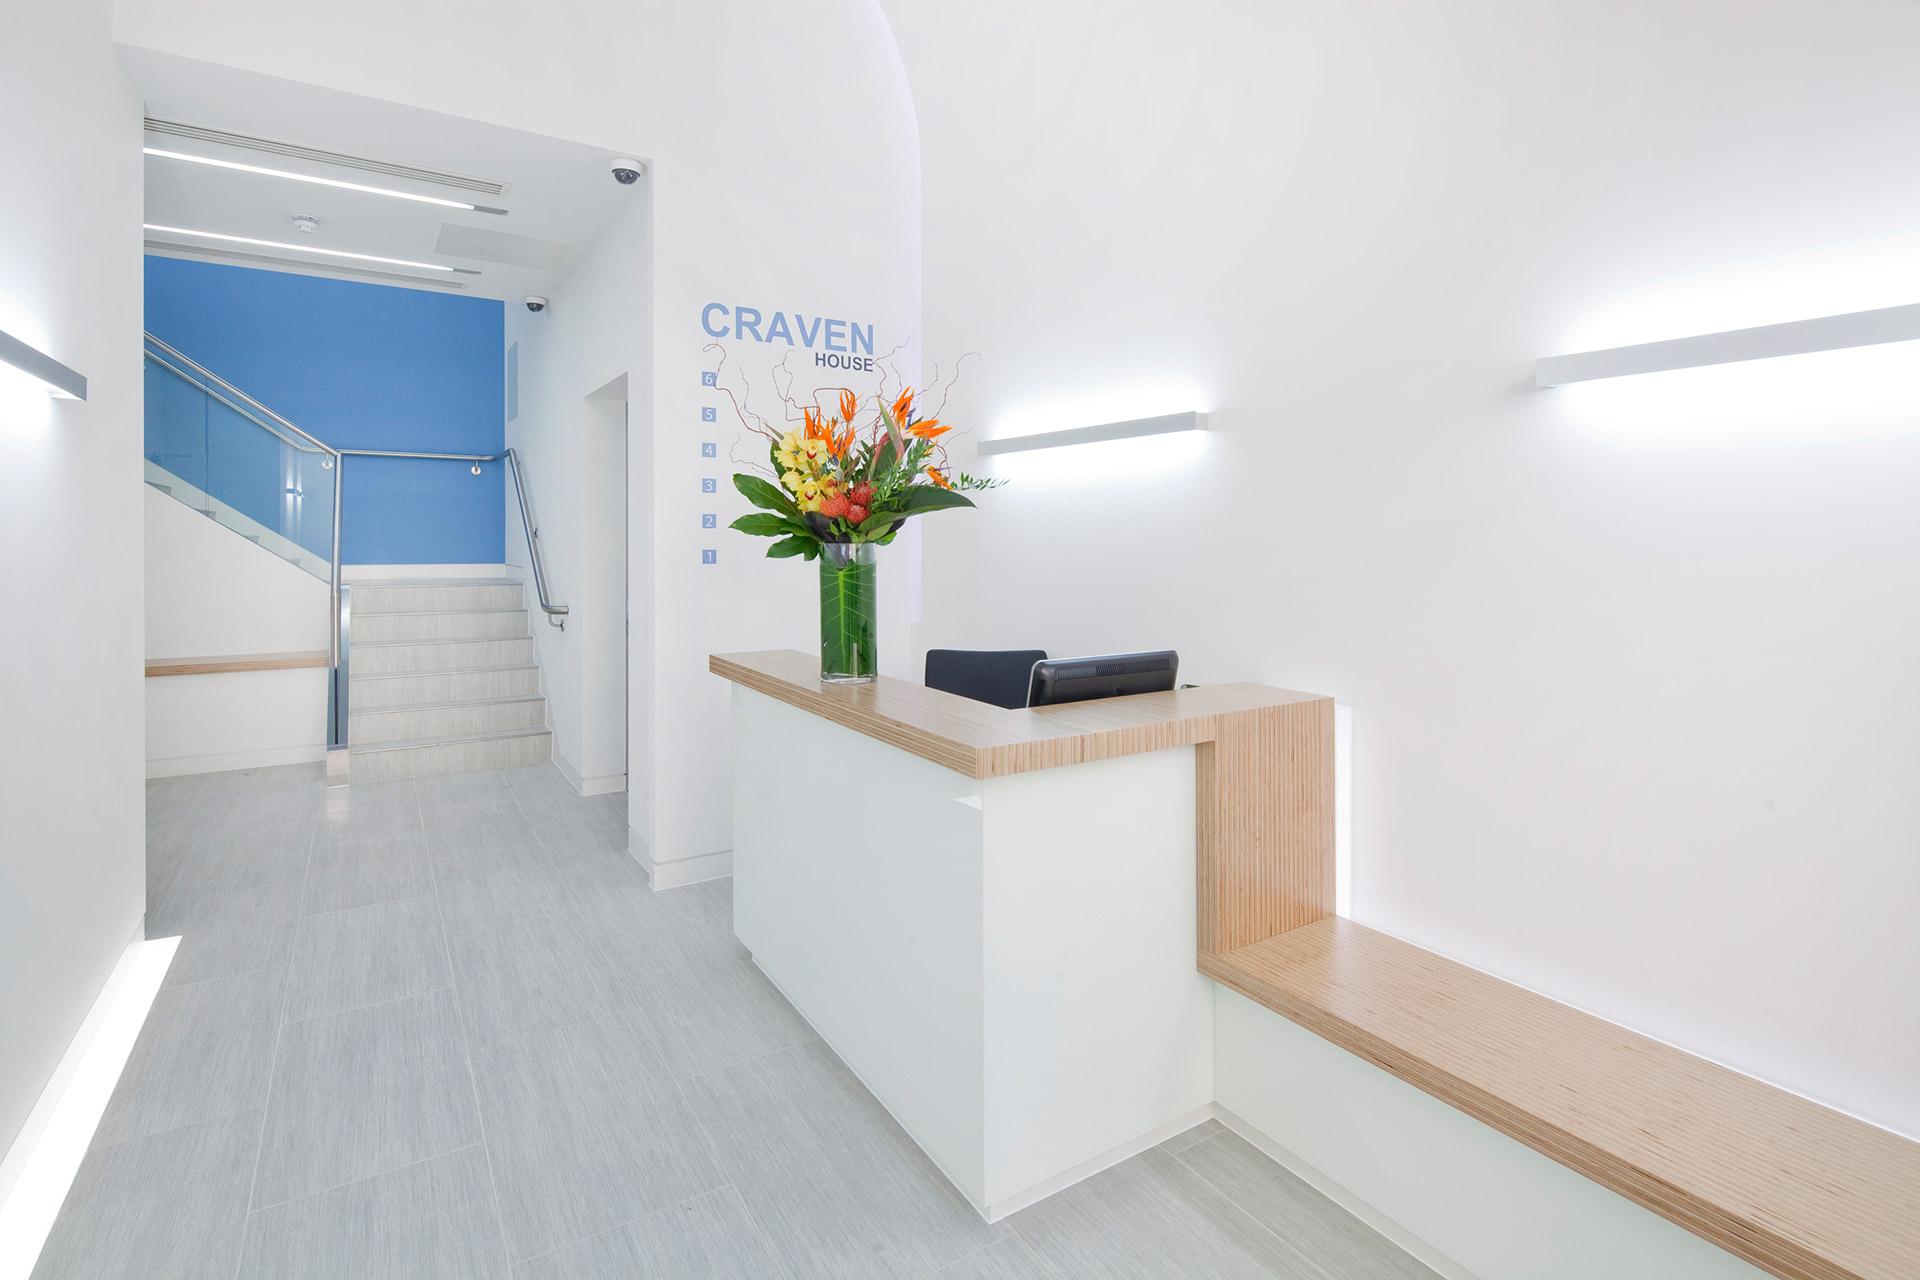 Craven House